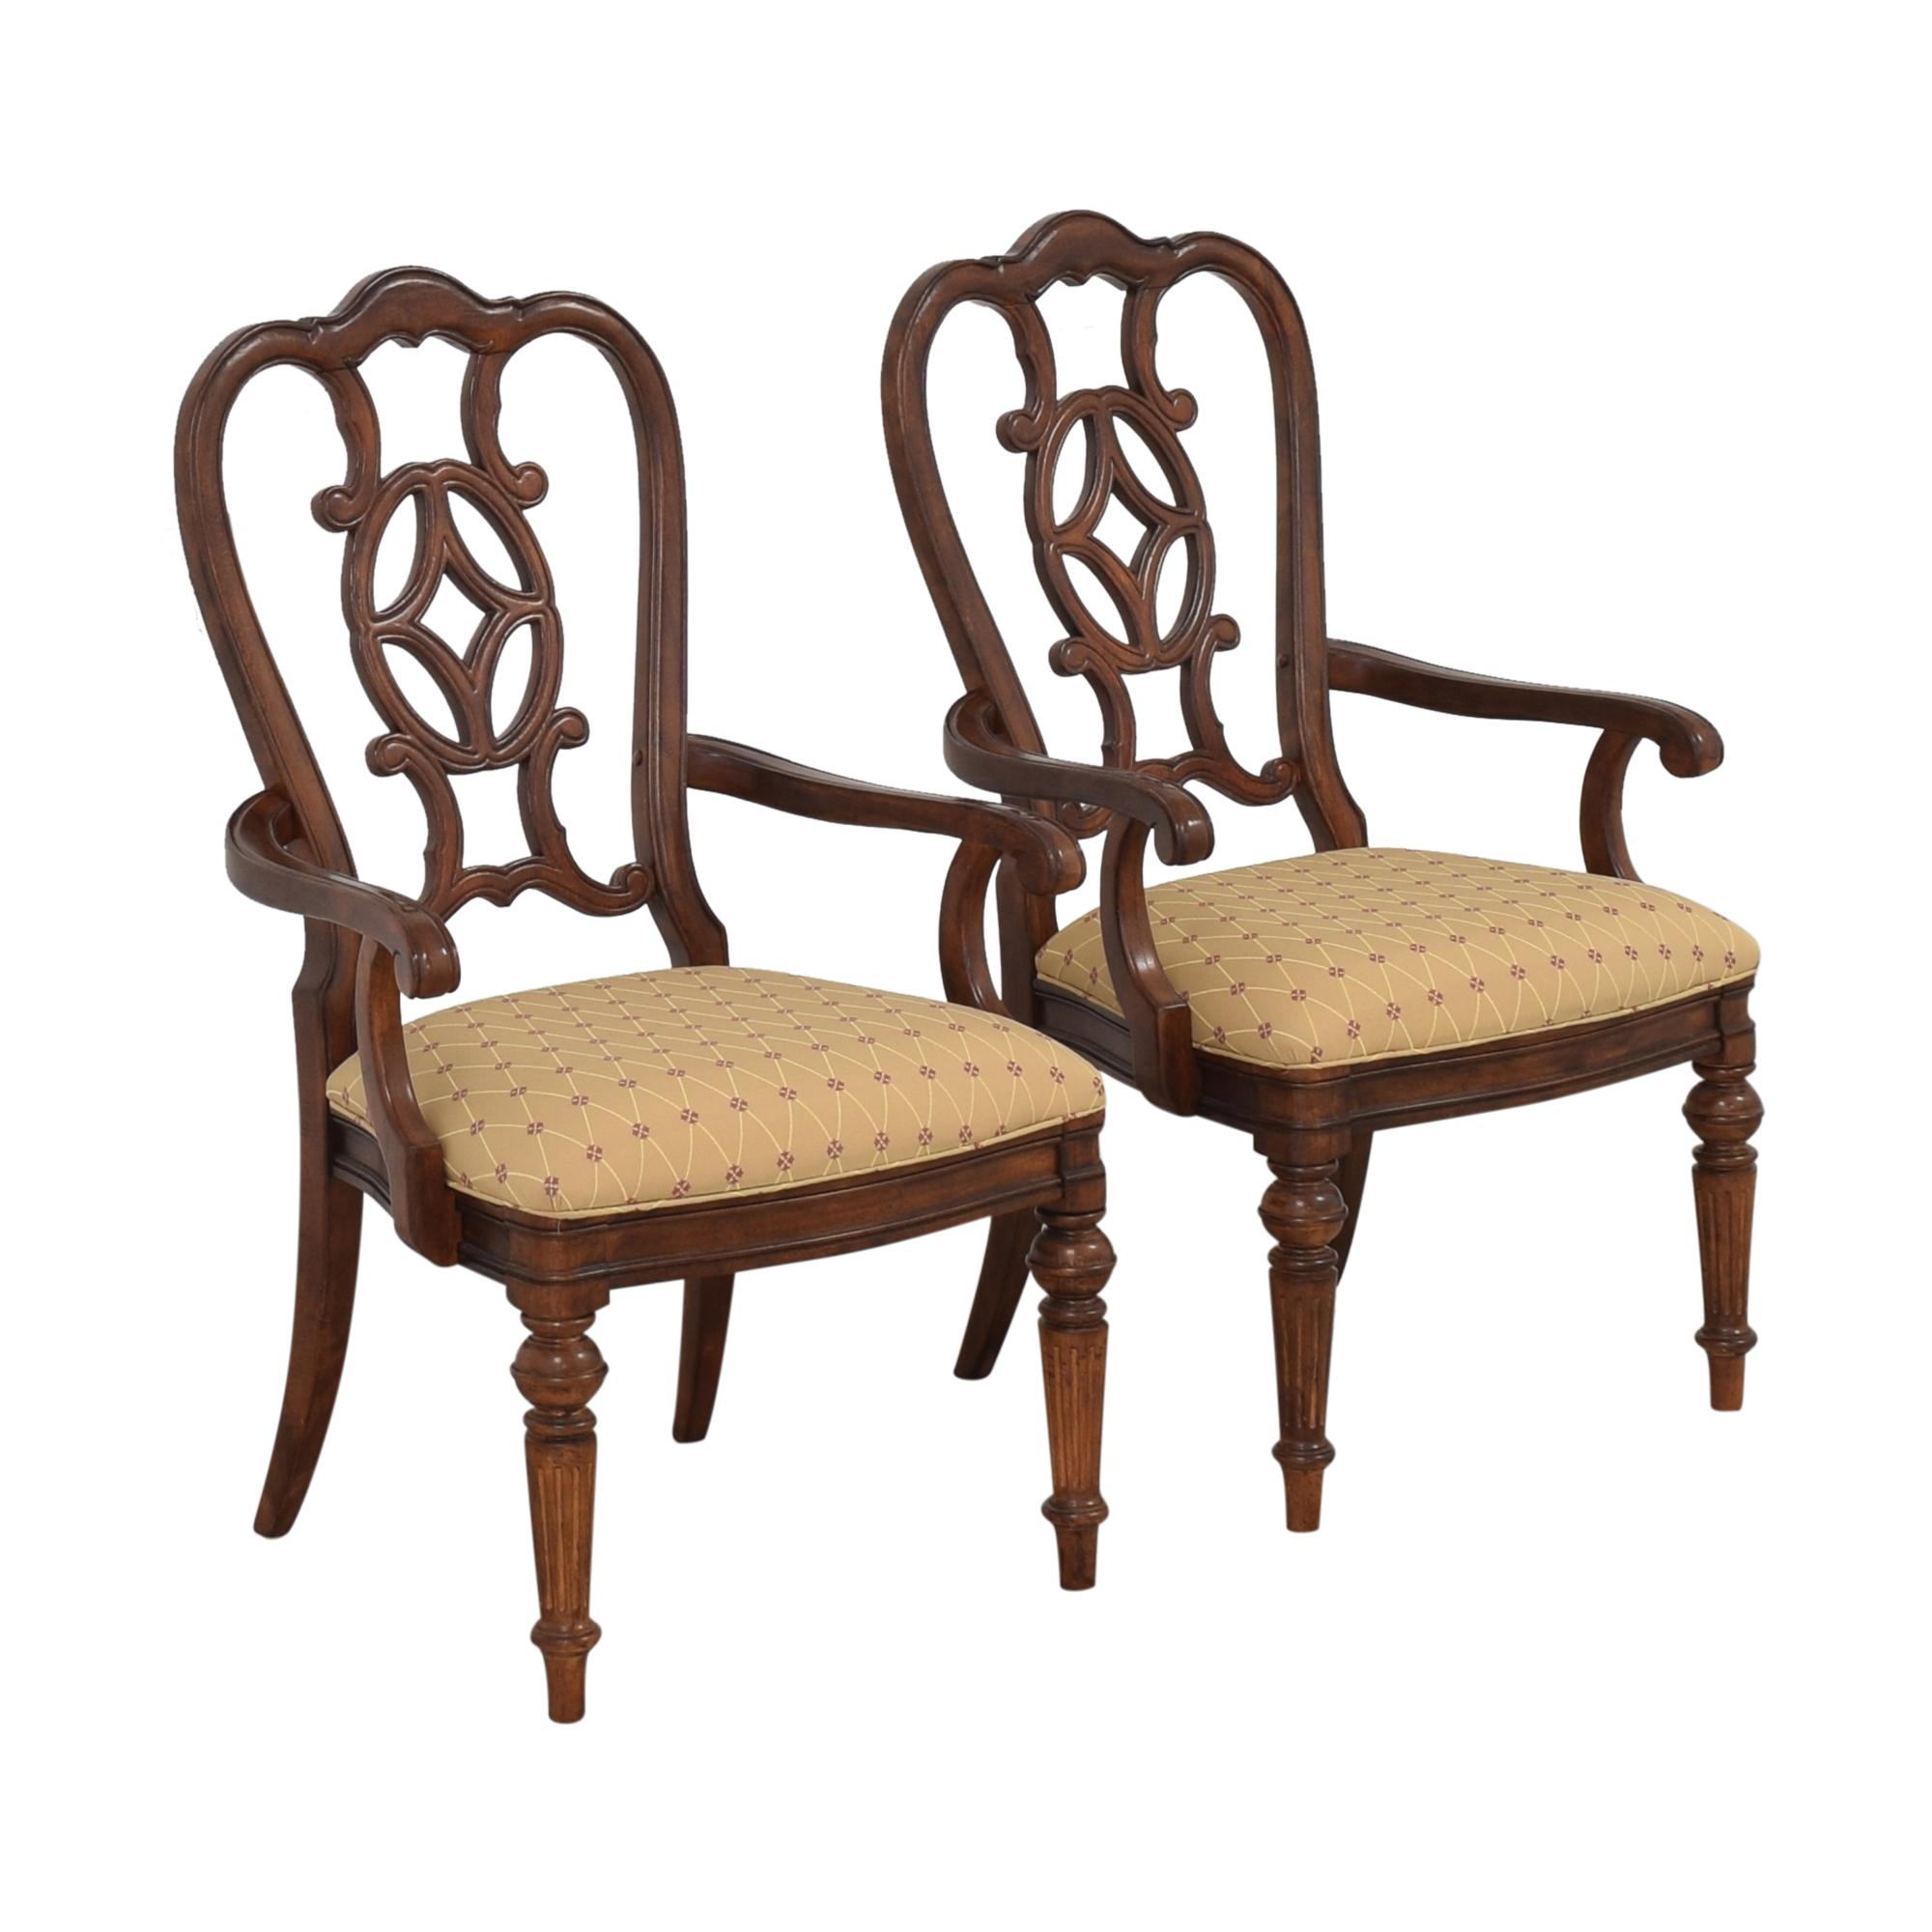 Thomasville Thomasville Dining Arm Chairs on sale